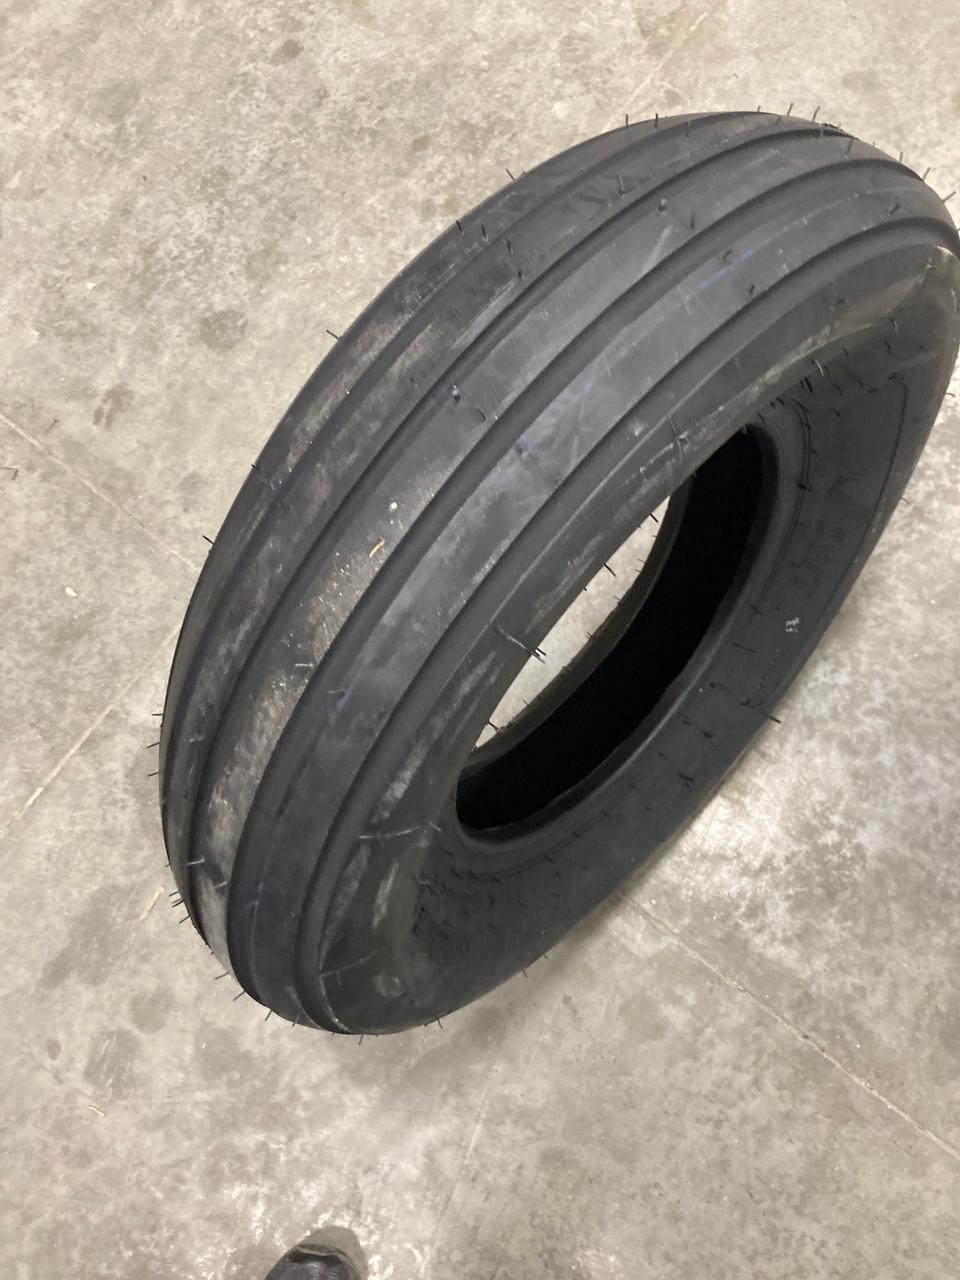 New Tire 9.5 L 15 Speedways Rib Implement 12 Ply TL 9.5L-15